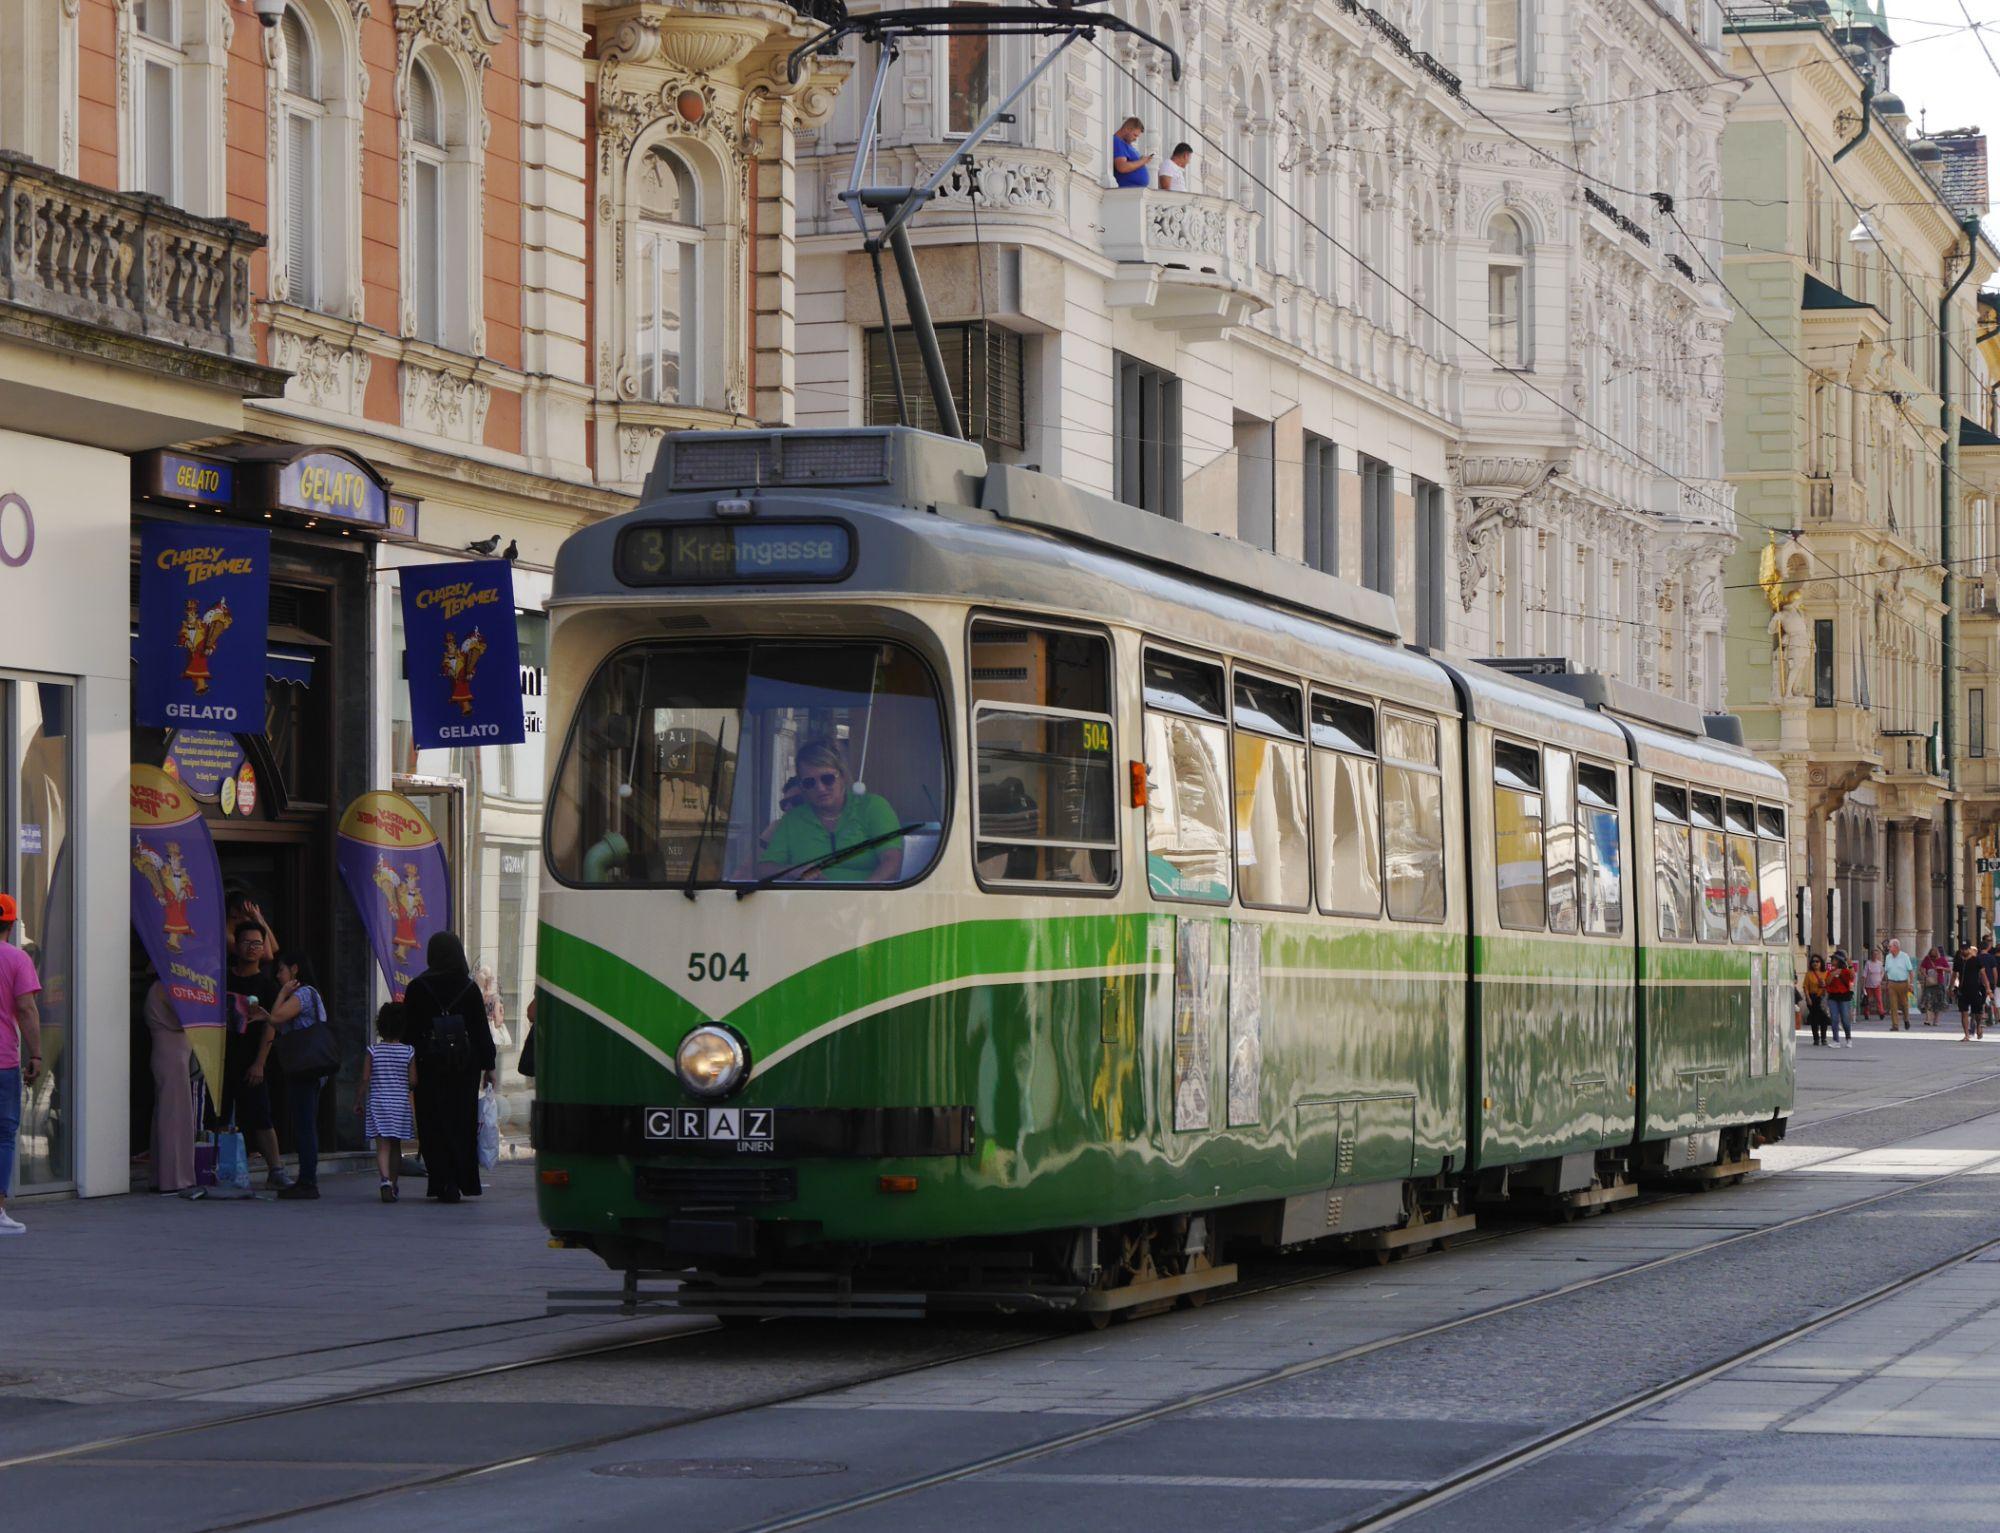 180611 Graz (59)